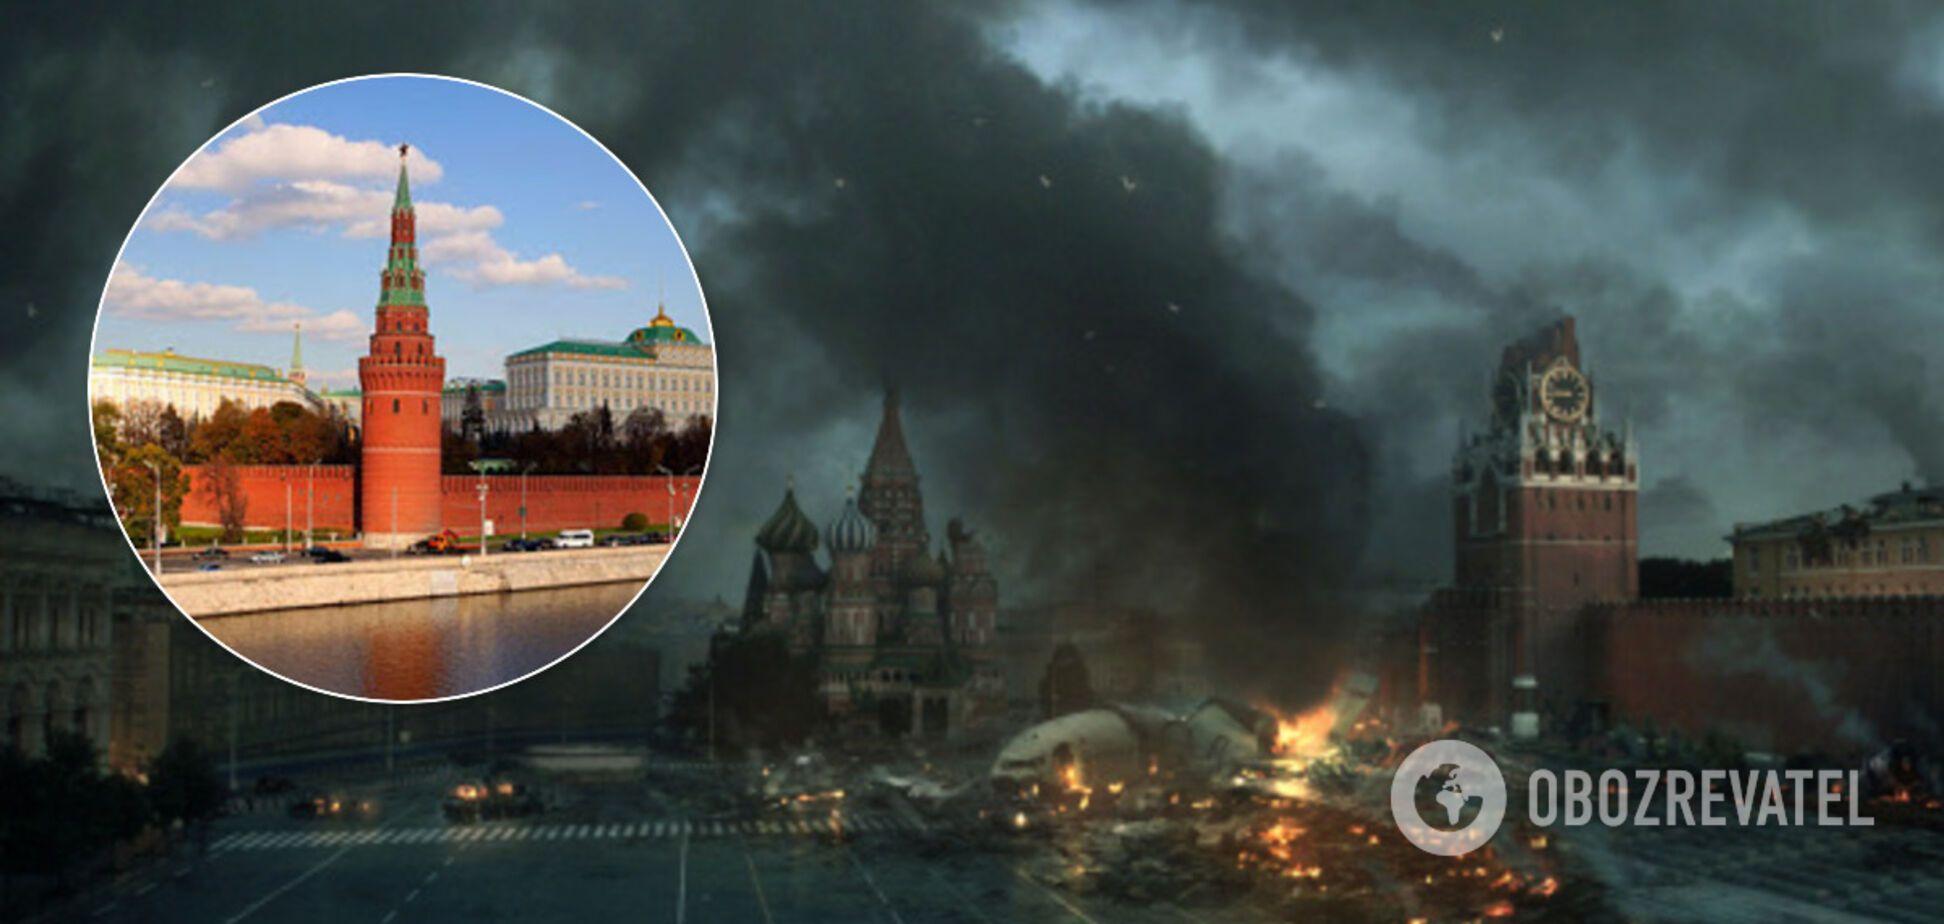 России предрекли перелом: астролог назвала год